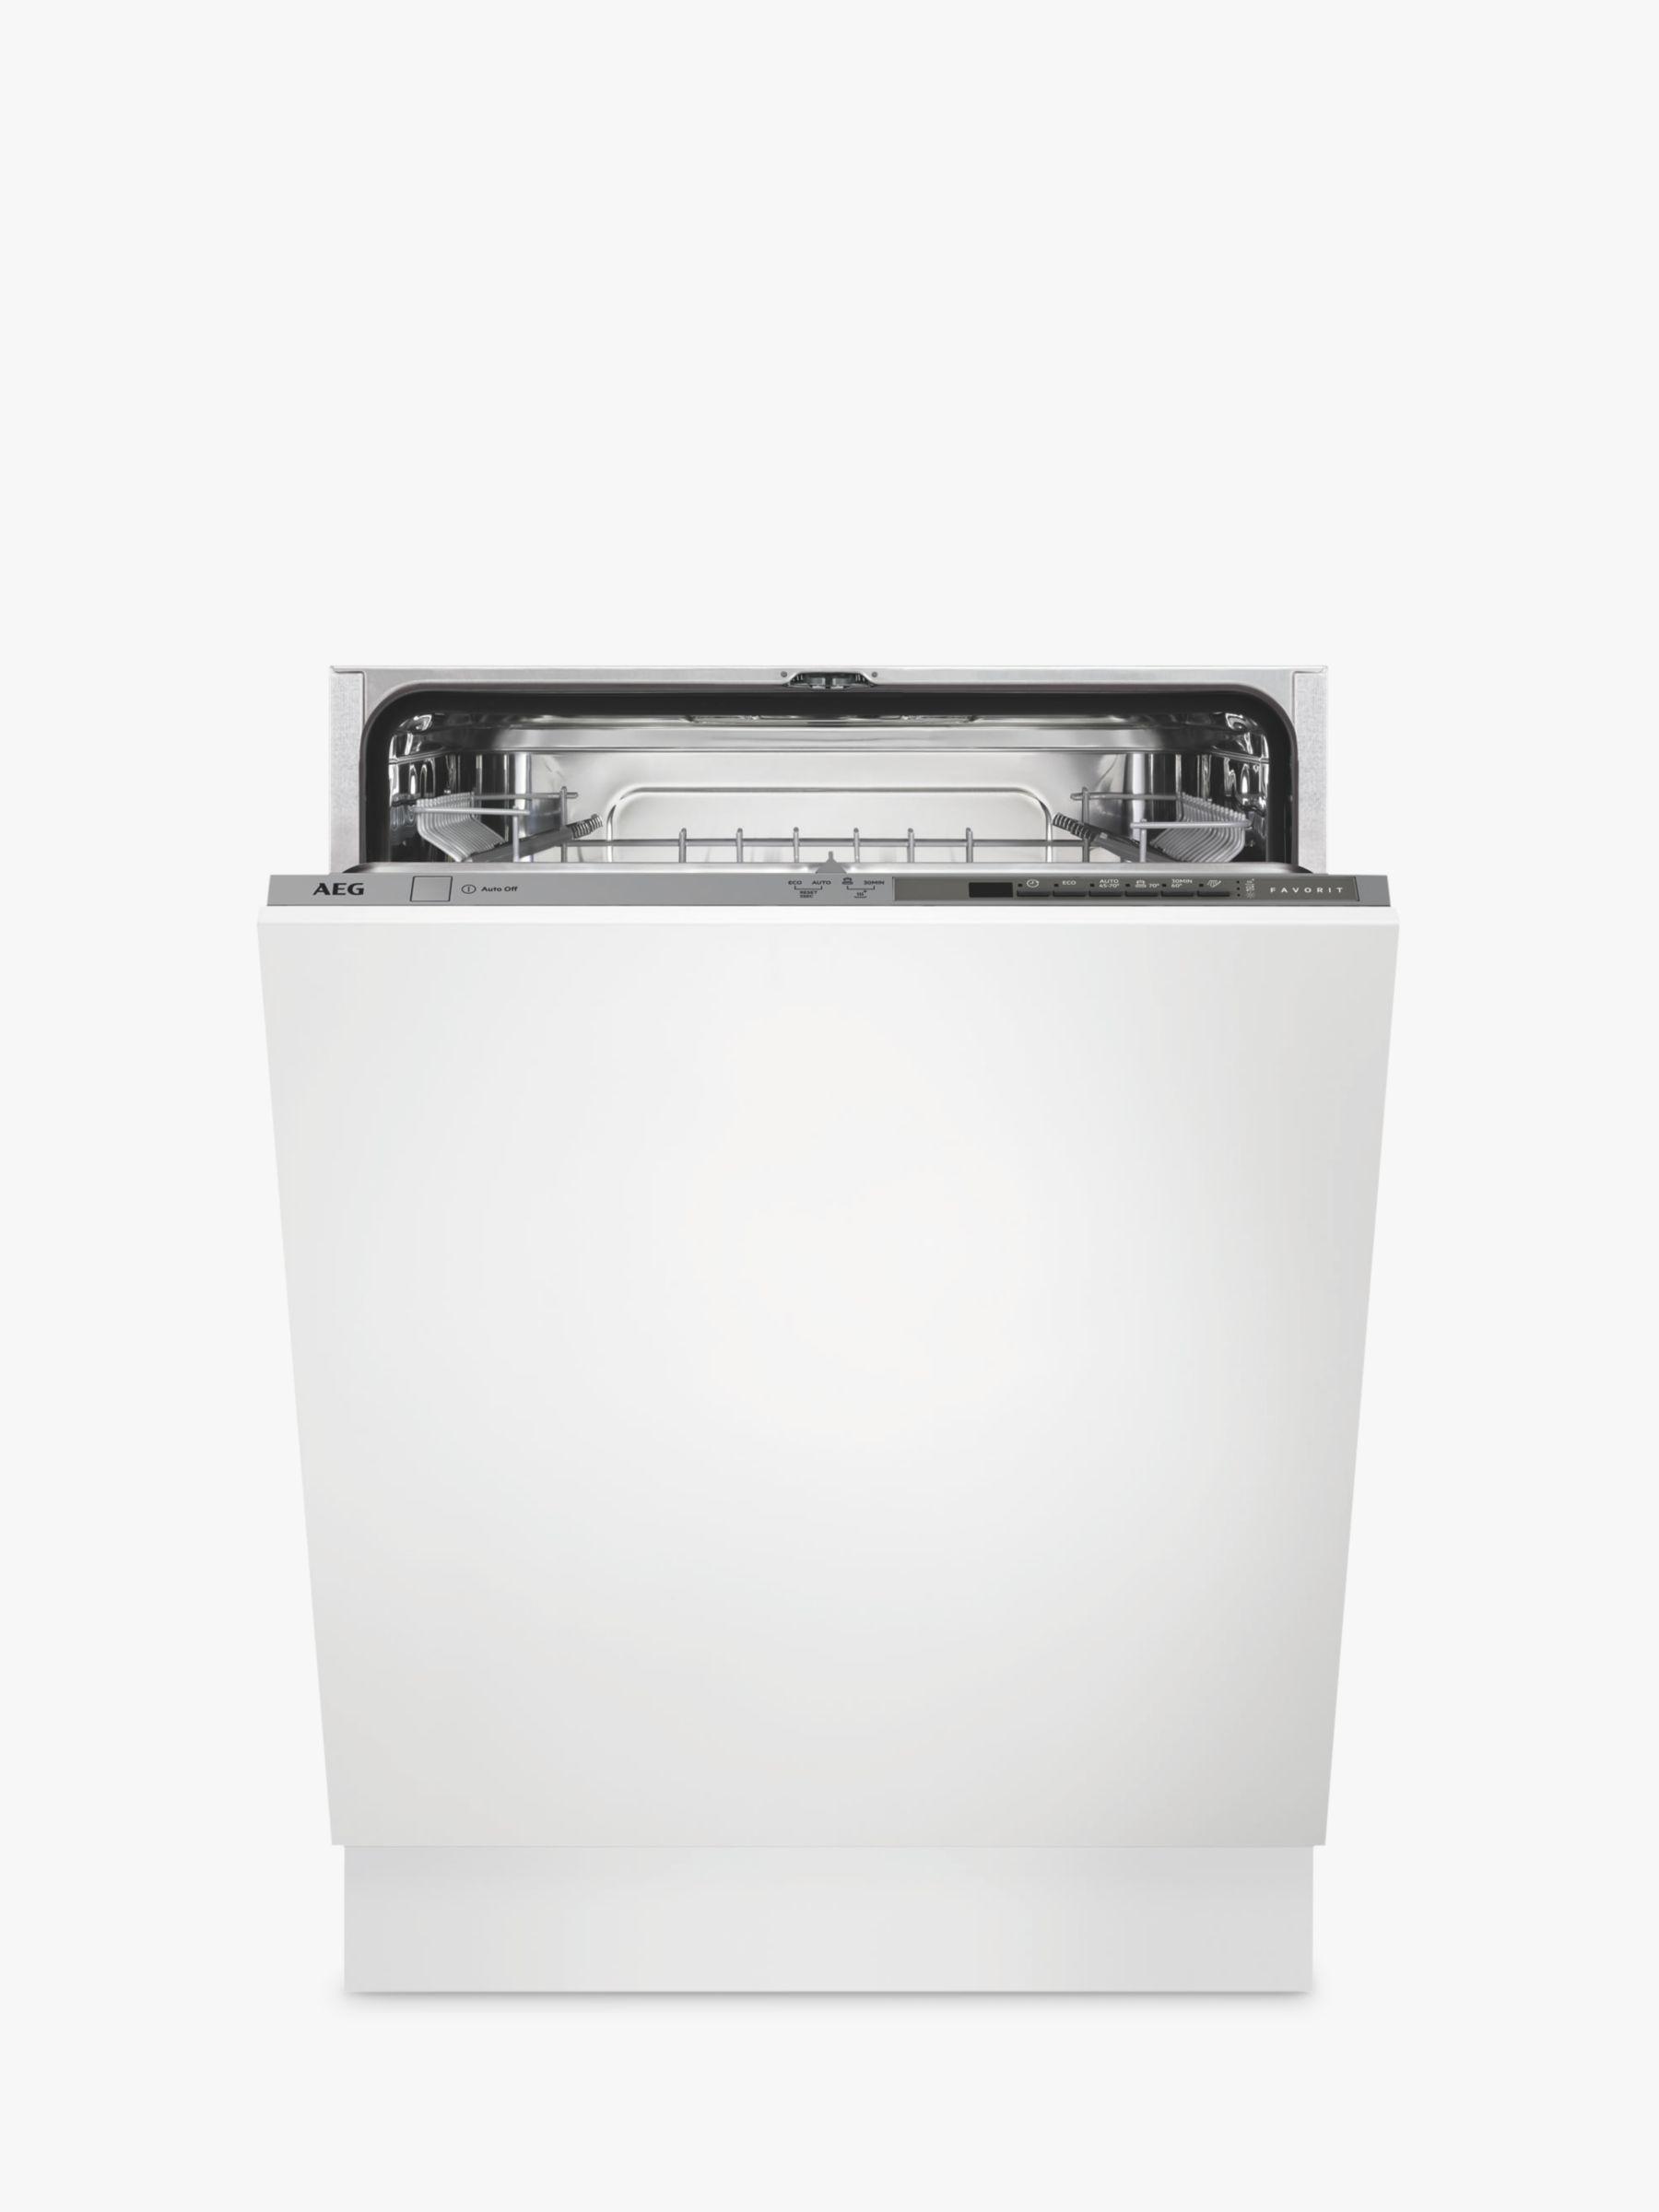 aeg favorit sensorlogic dishwasher instruction manual